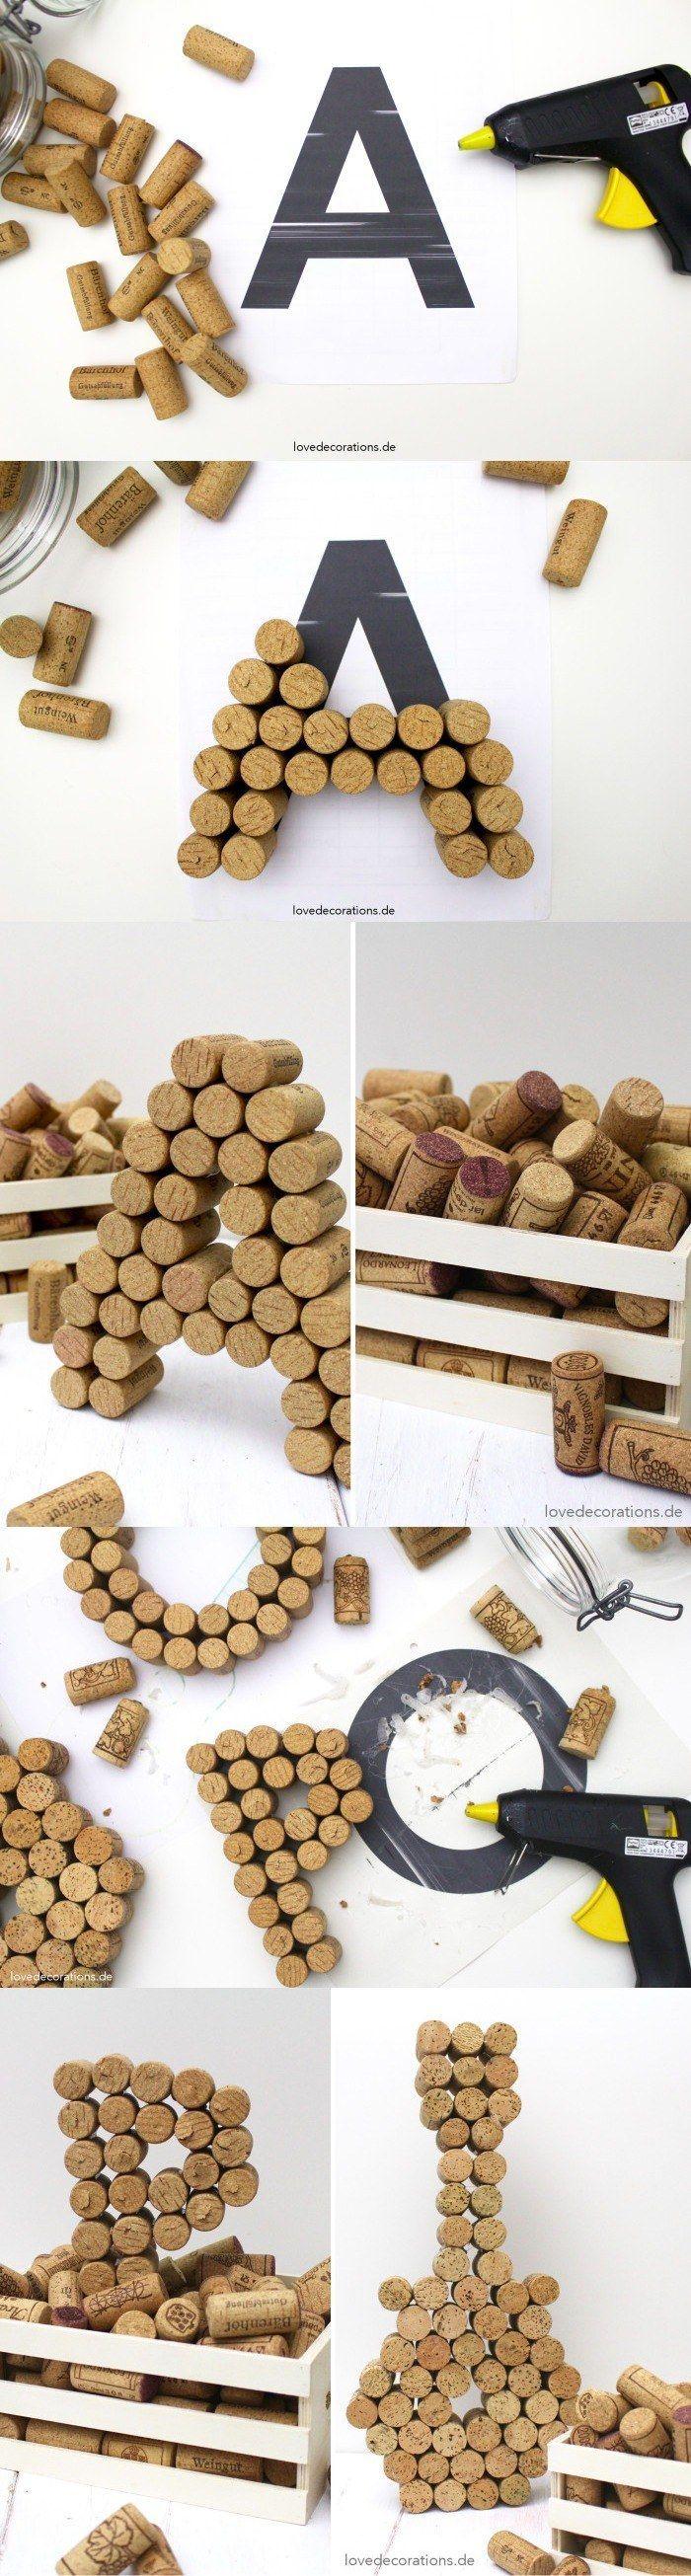 DIY Wine Cork Letters -lovedecorations.de- Letras para decorar con corcho #manualidades